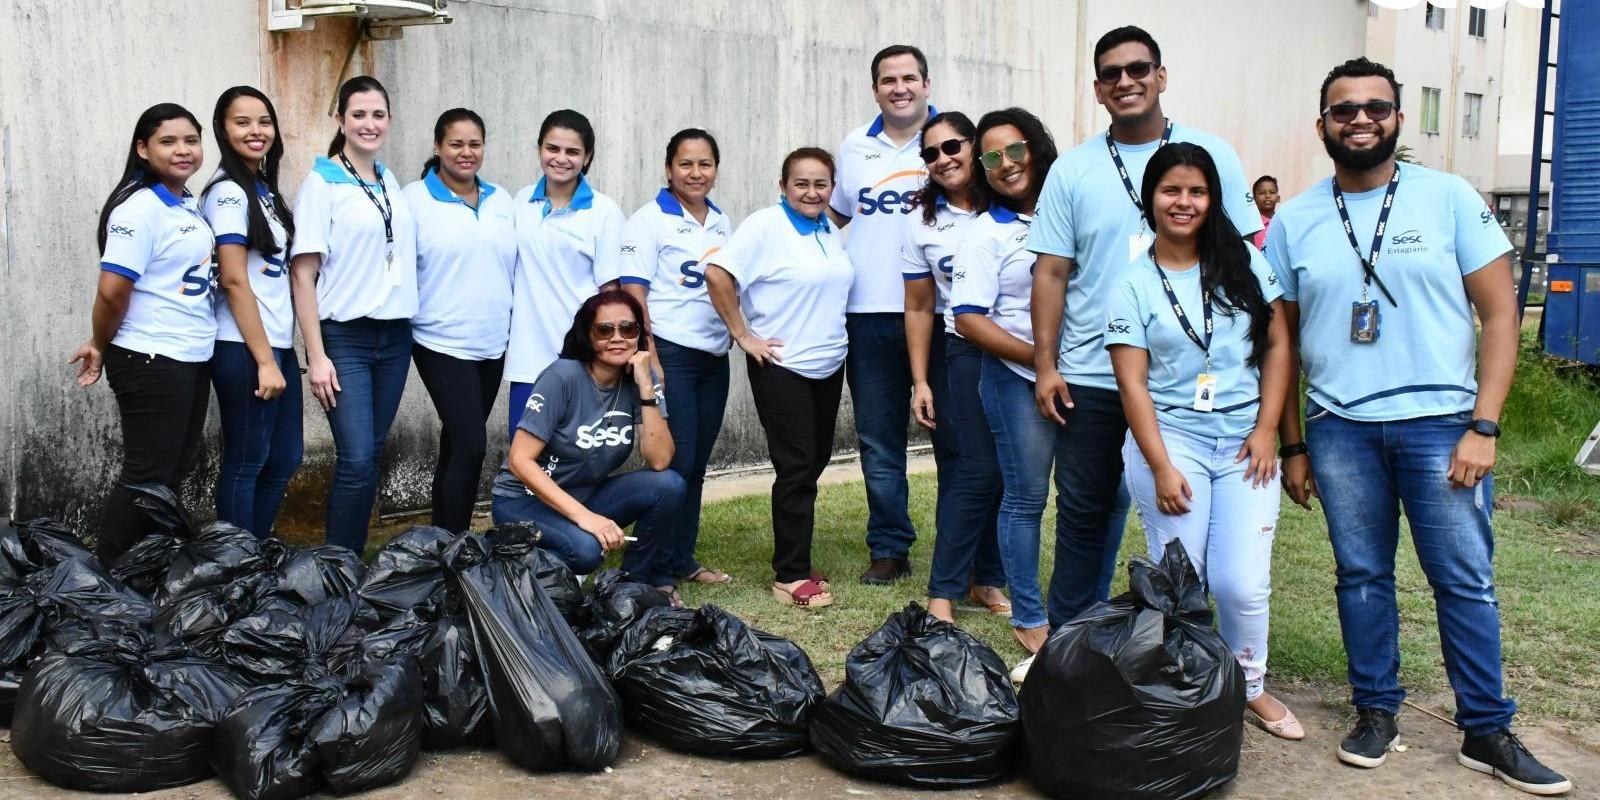 Conjunto Macapaba recebe ação de conscientização ambiental